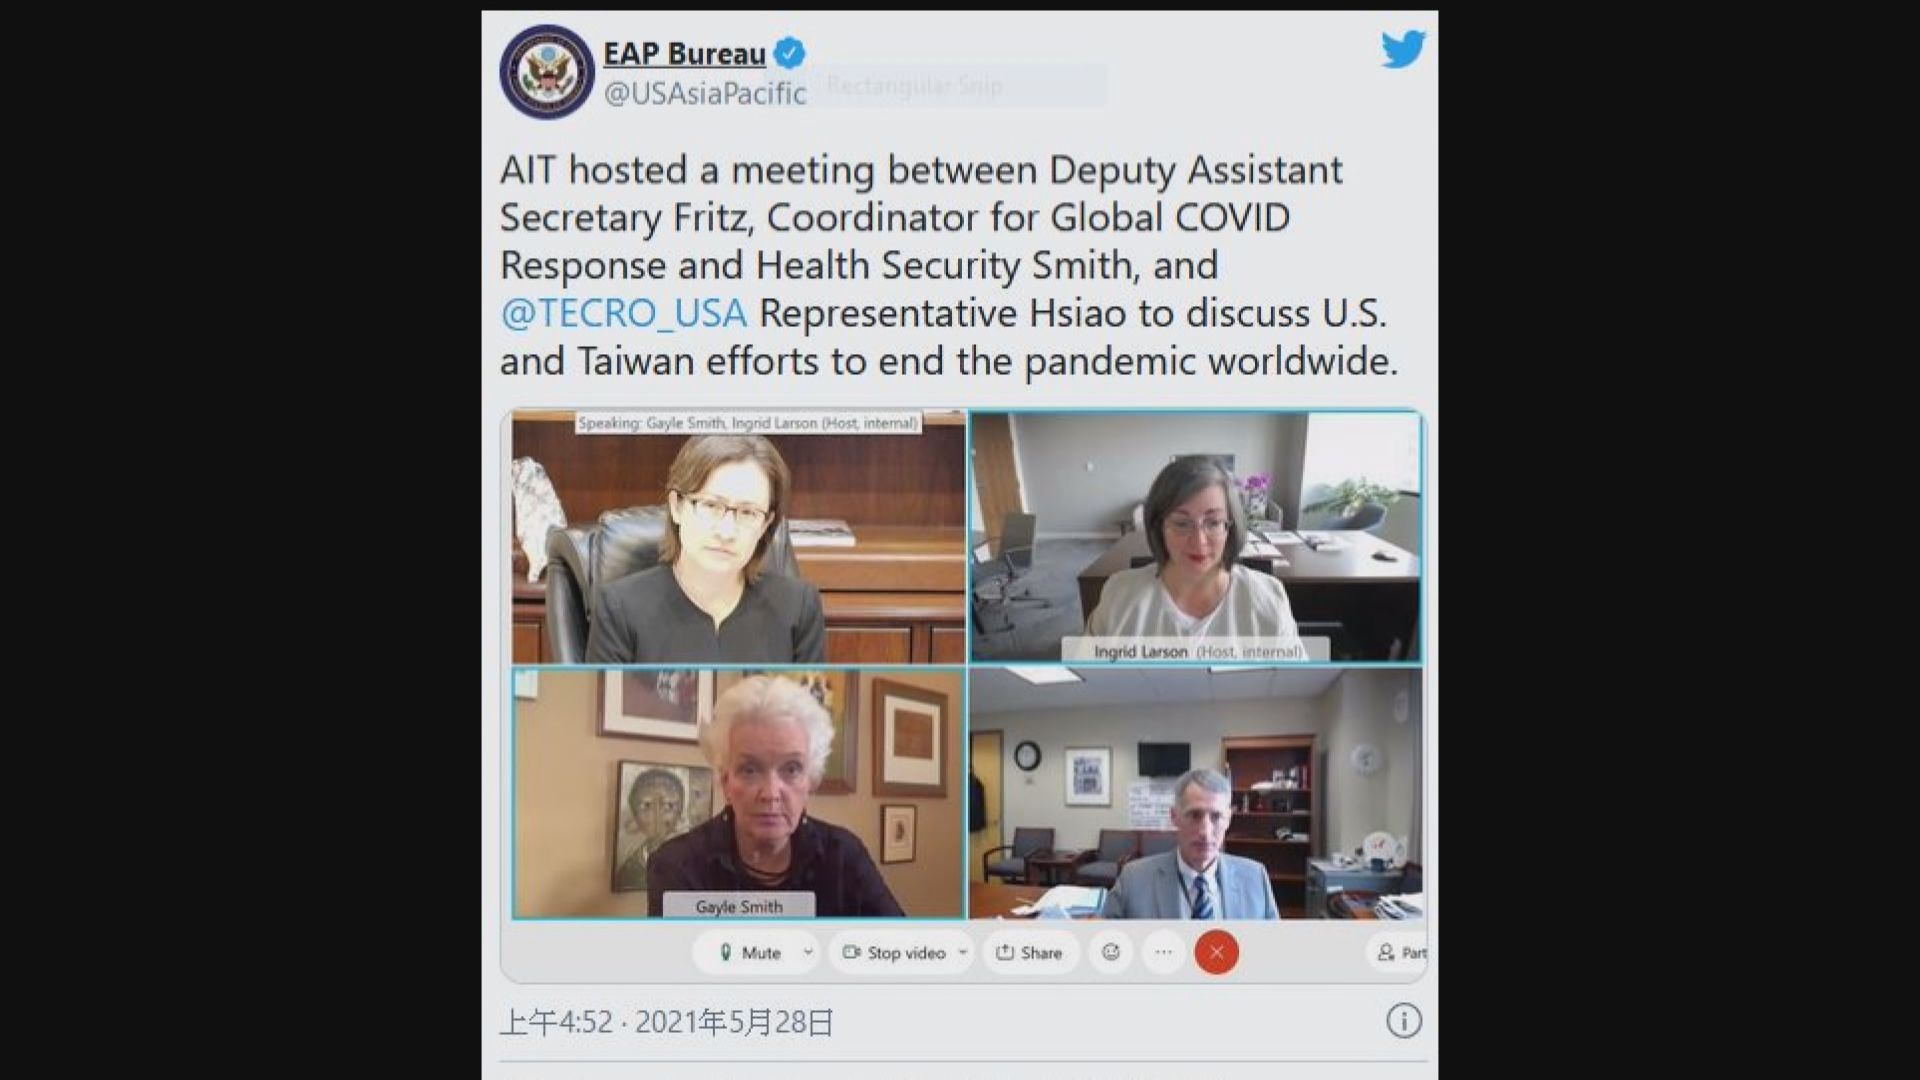 台灣表示急需美國支持取得新冠疫苗